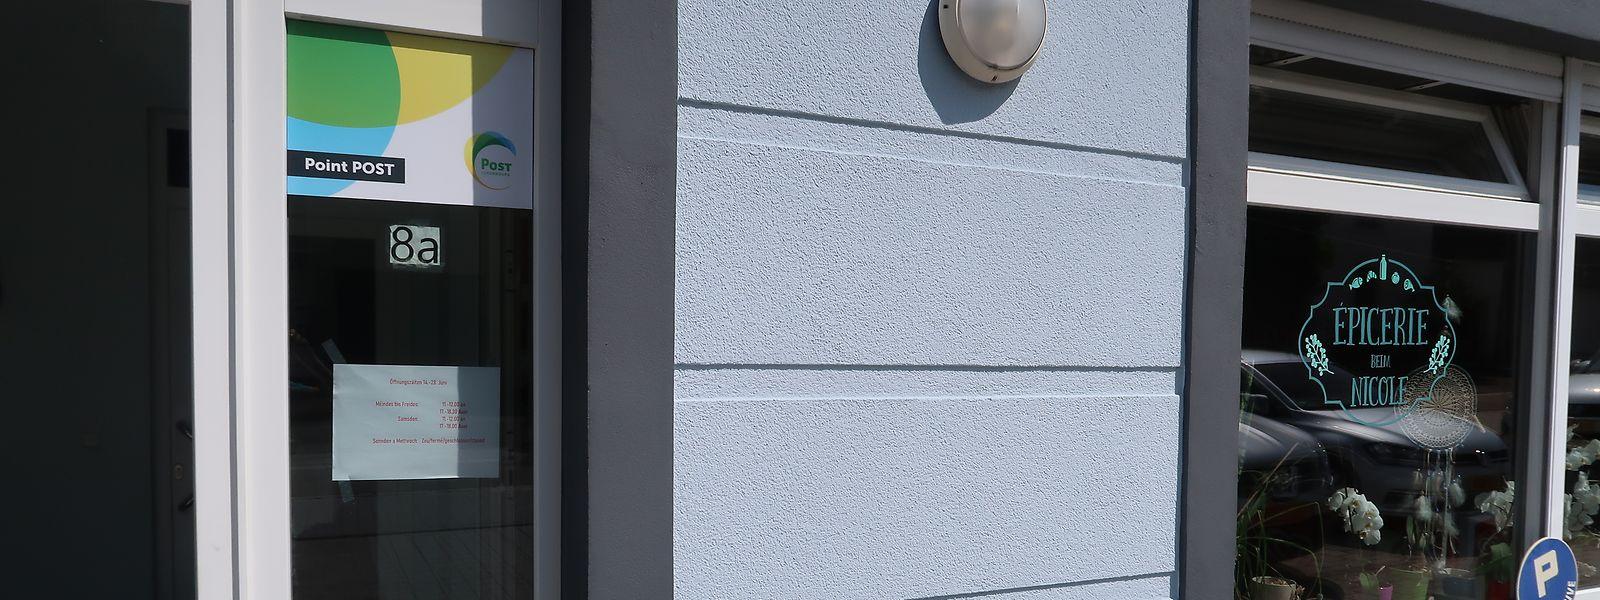 Die Einwohner aus Bauschleiden haben nun die Wahl, ihre Briefe und Pakete in der lokalen Épicerie beim Nicole oder aber in den Points Post in Redingen (22 Kilometer) beziehungsweise Wiltz (15 Kilometer) abzugeben.